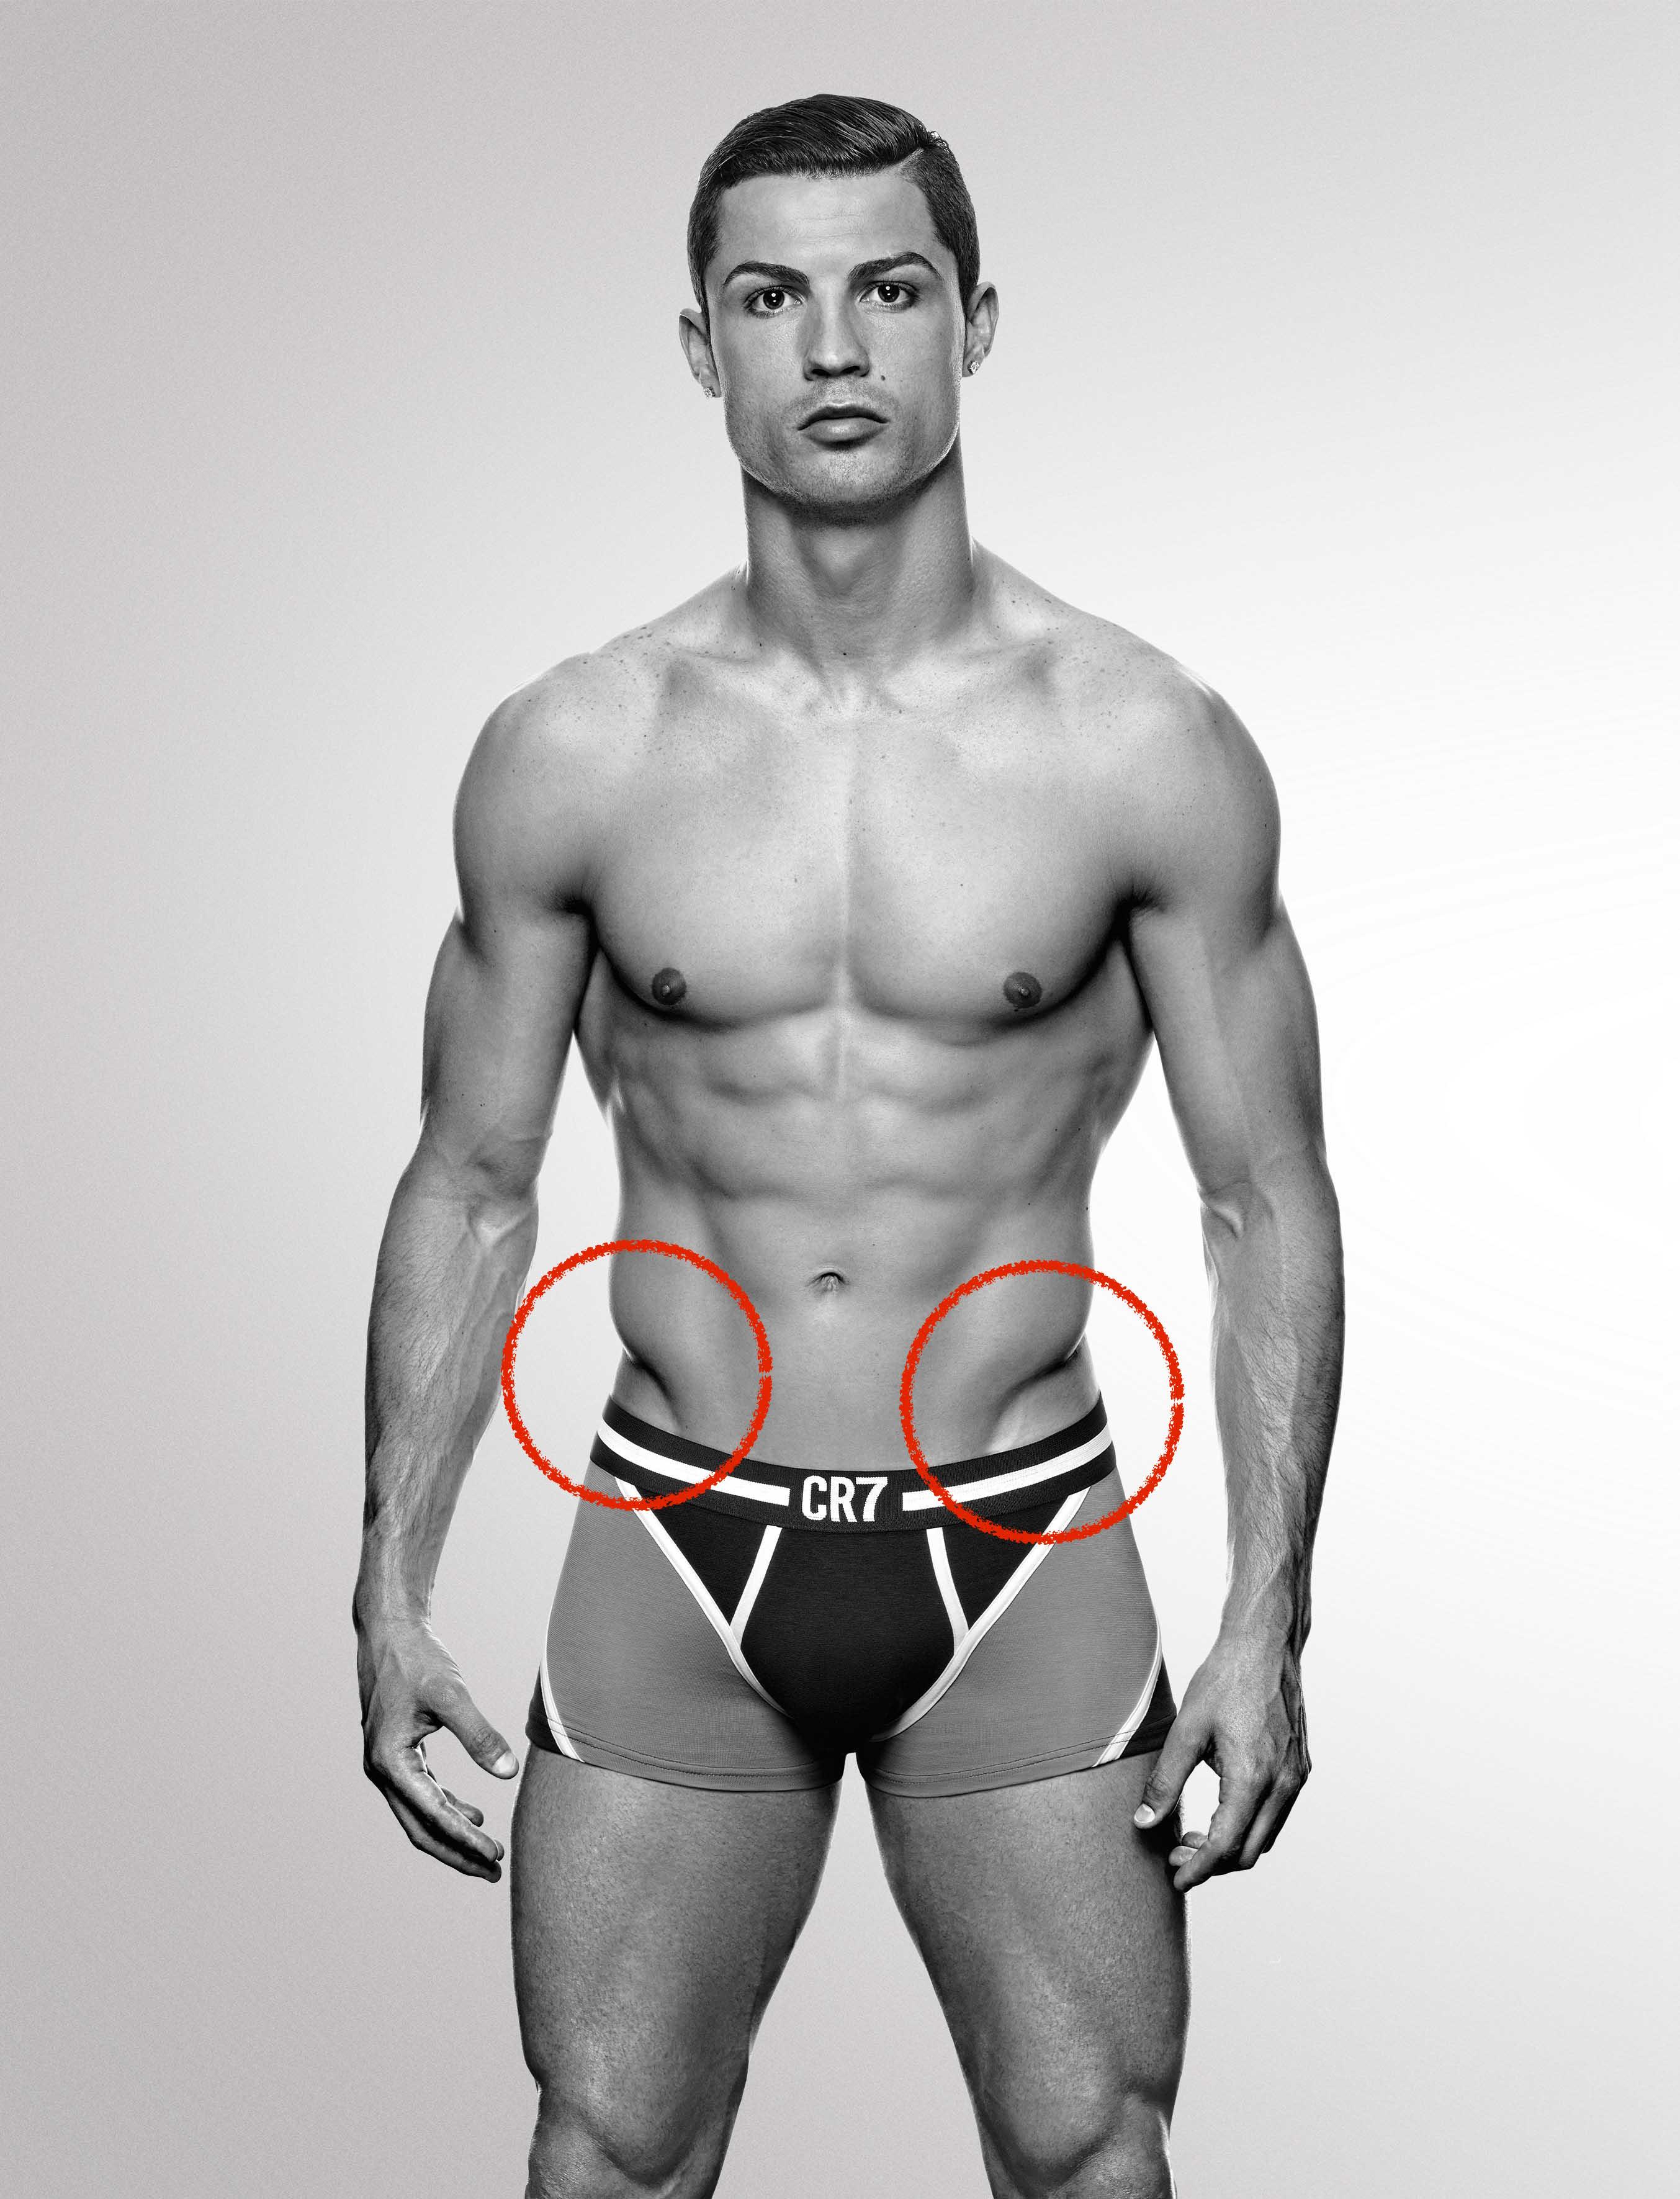 クリスティアーノロナウドの筋肉から学ぶ食事とトレーニング方法 服のメンズマガジン